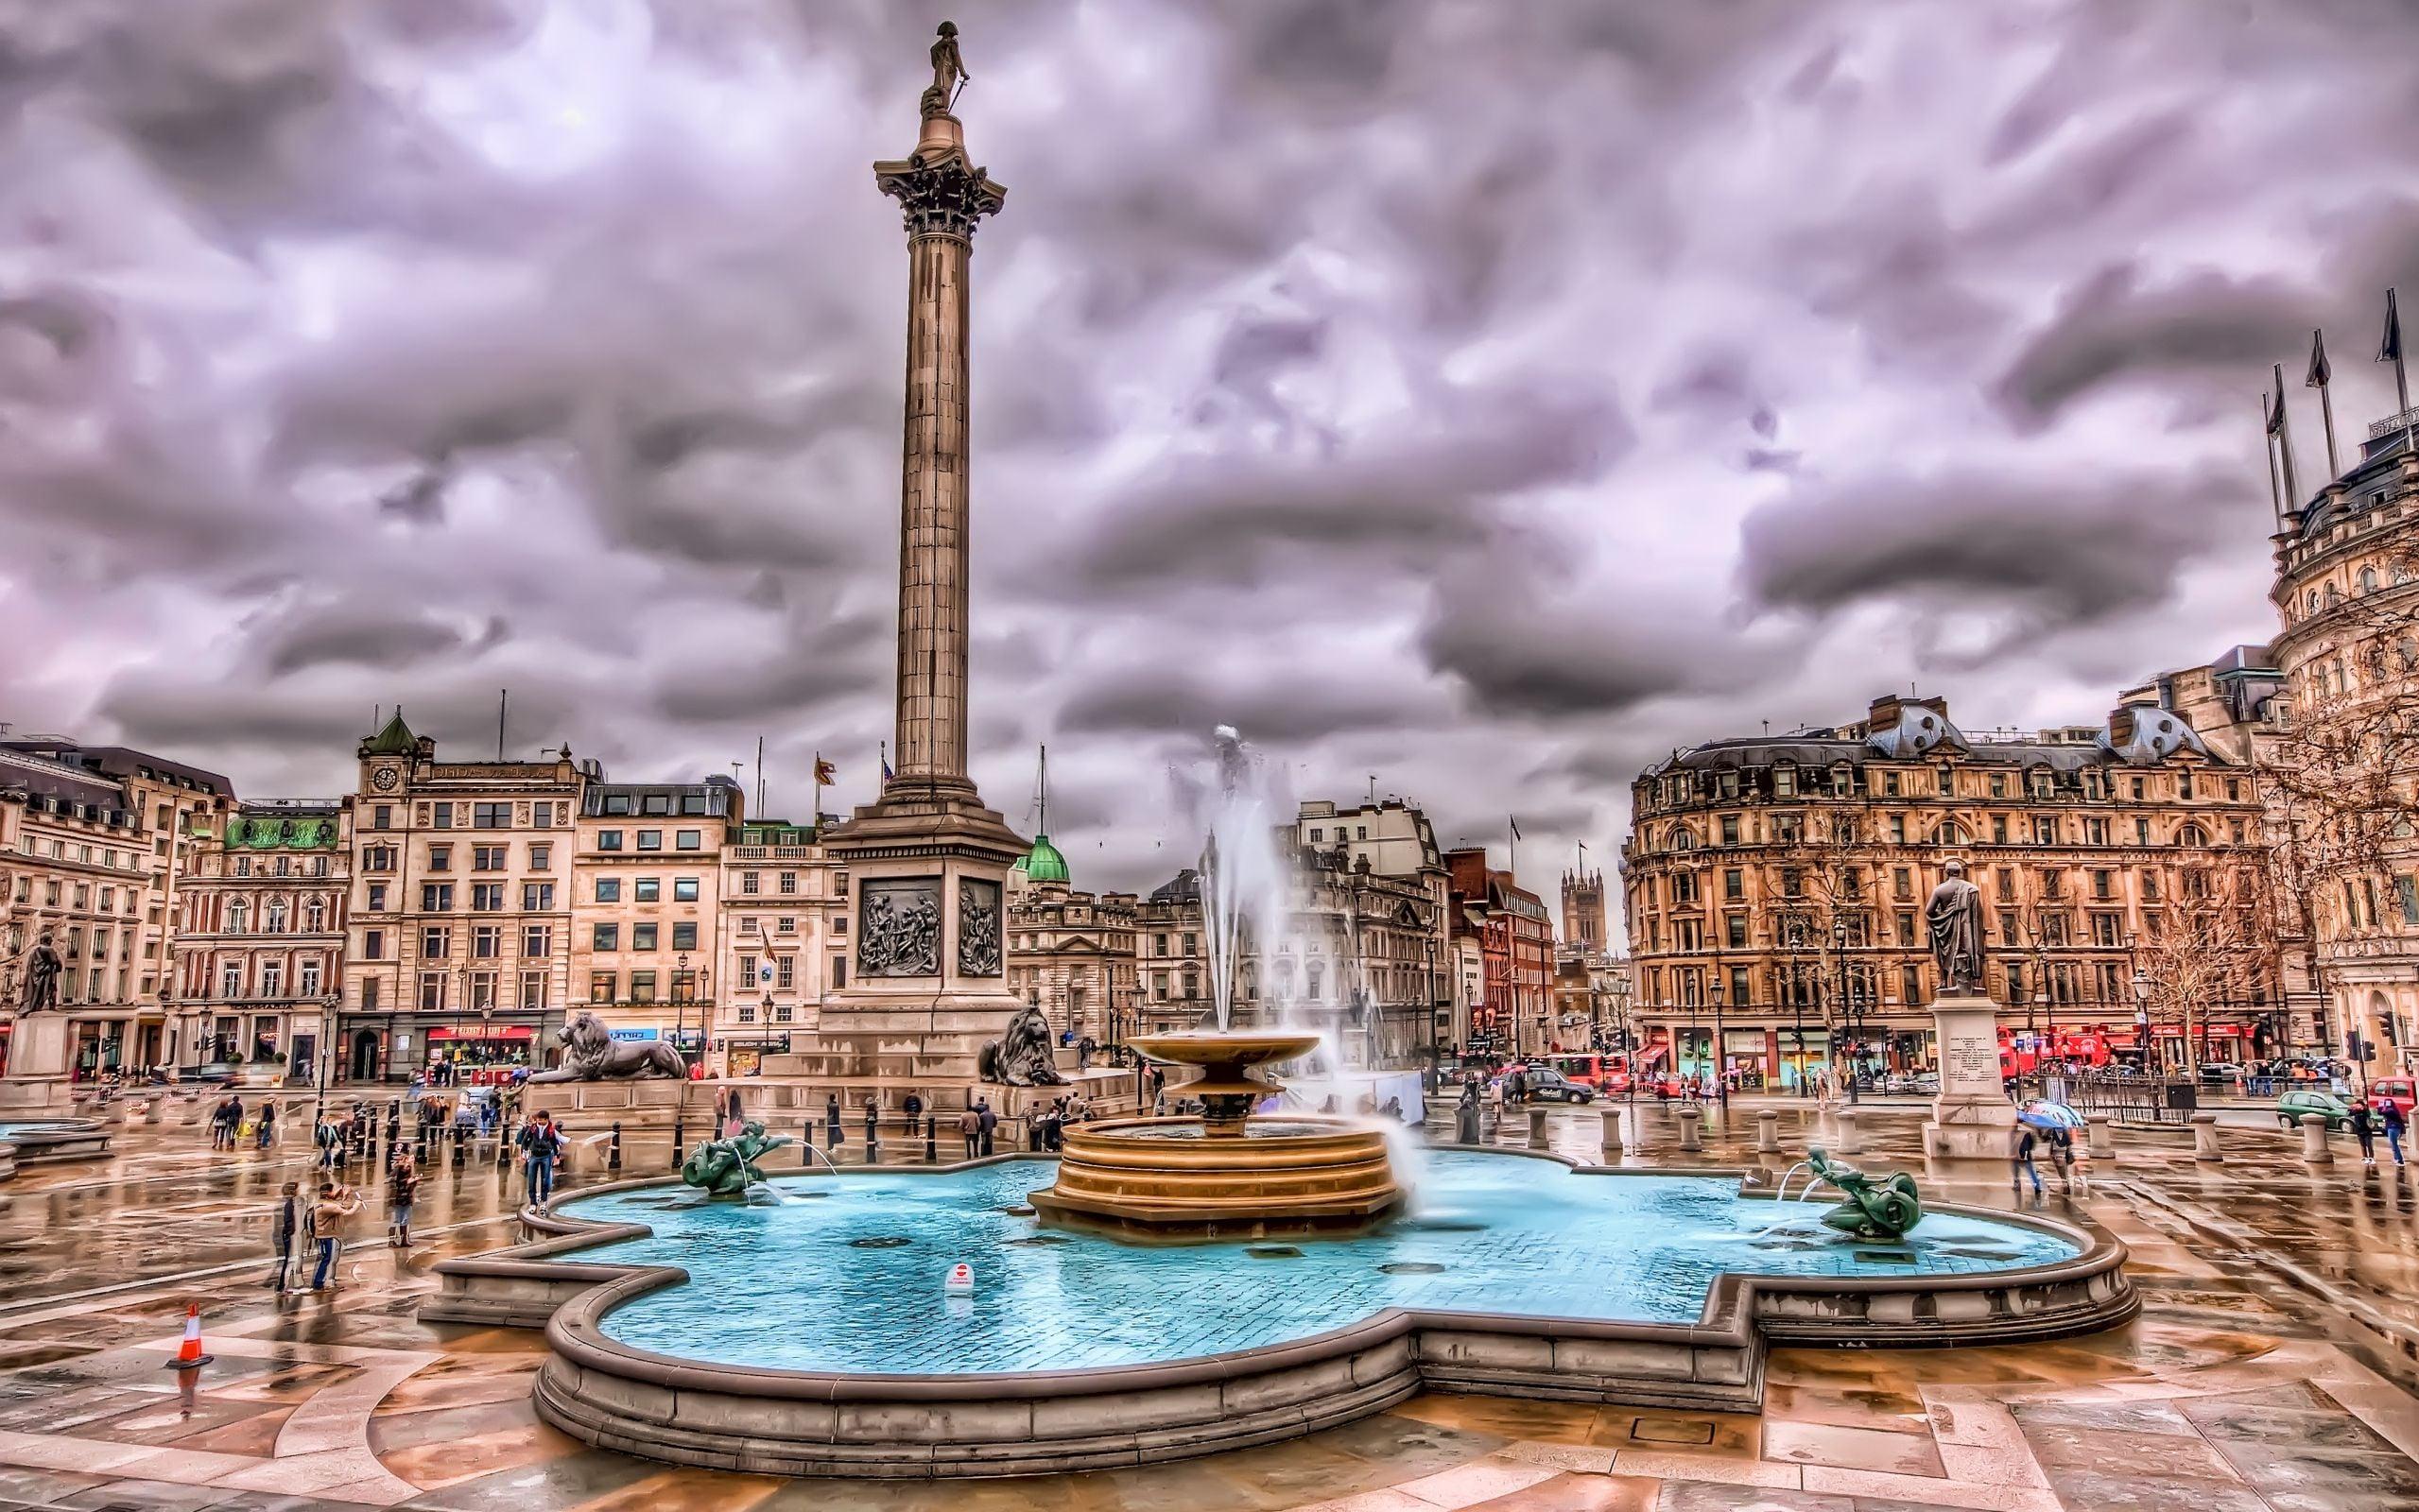 12+ Trafalgar Square wallpapers HD free Download